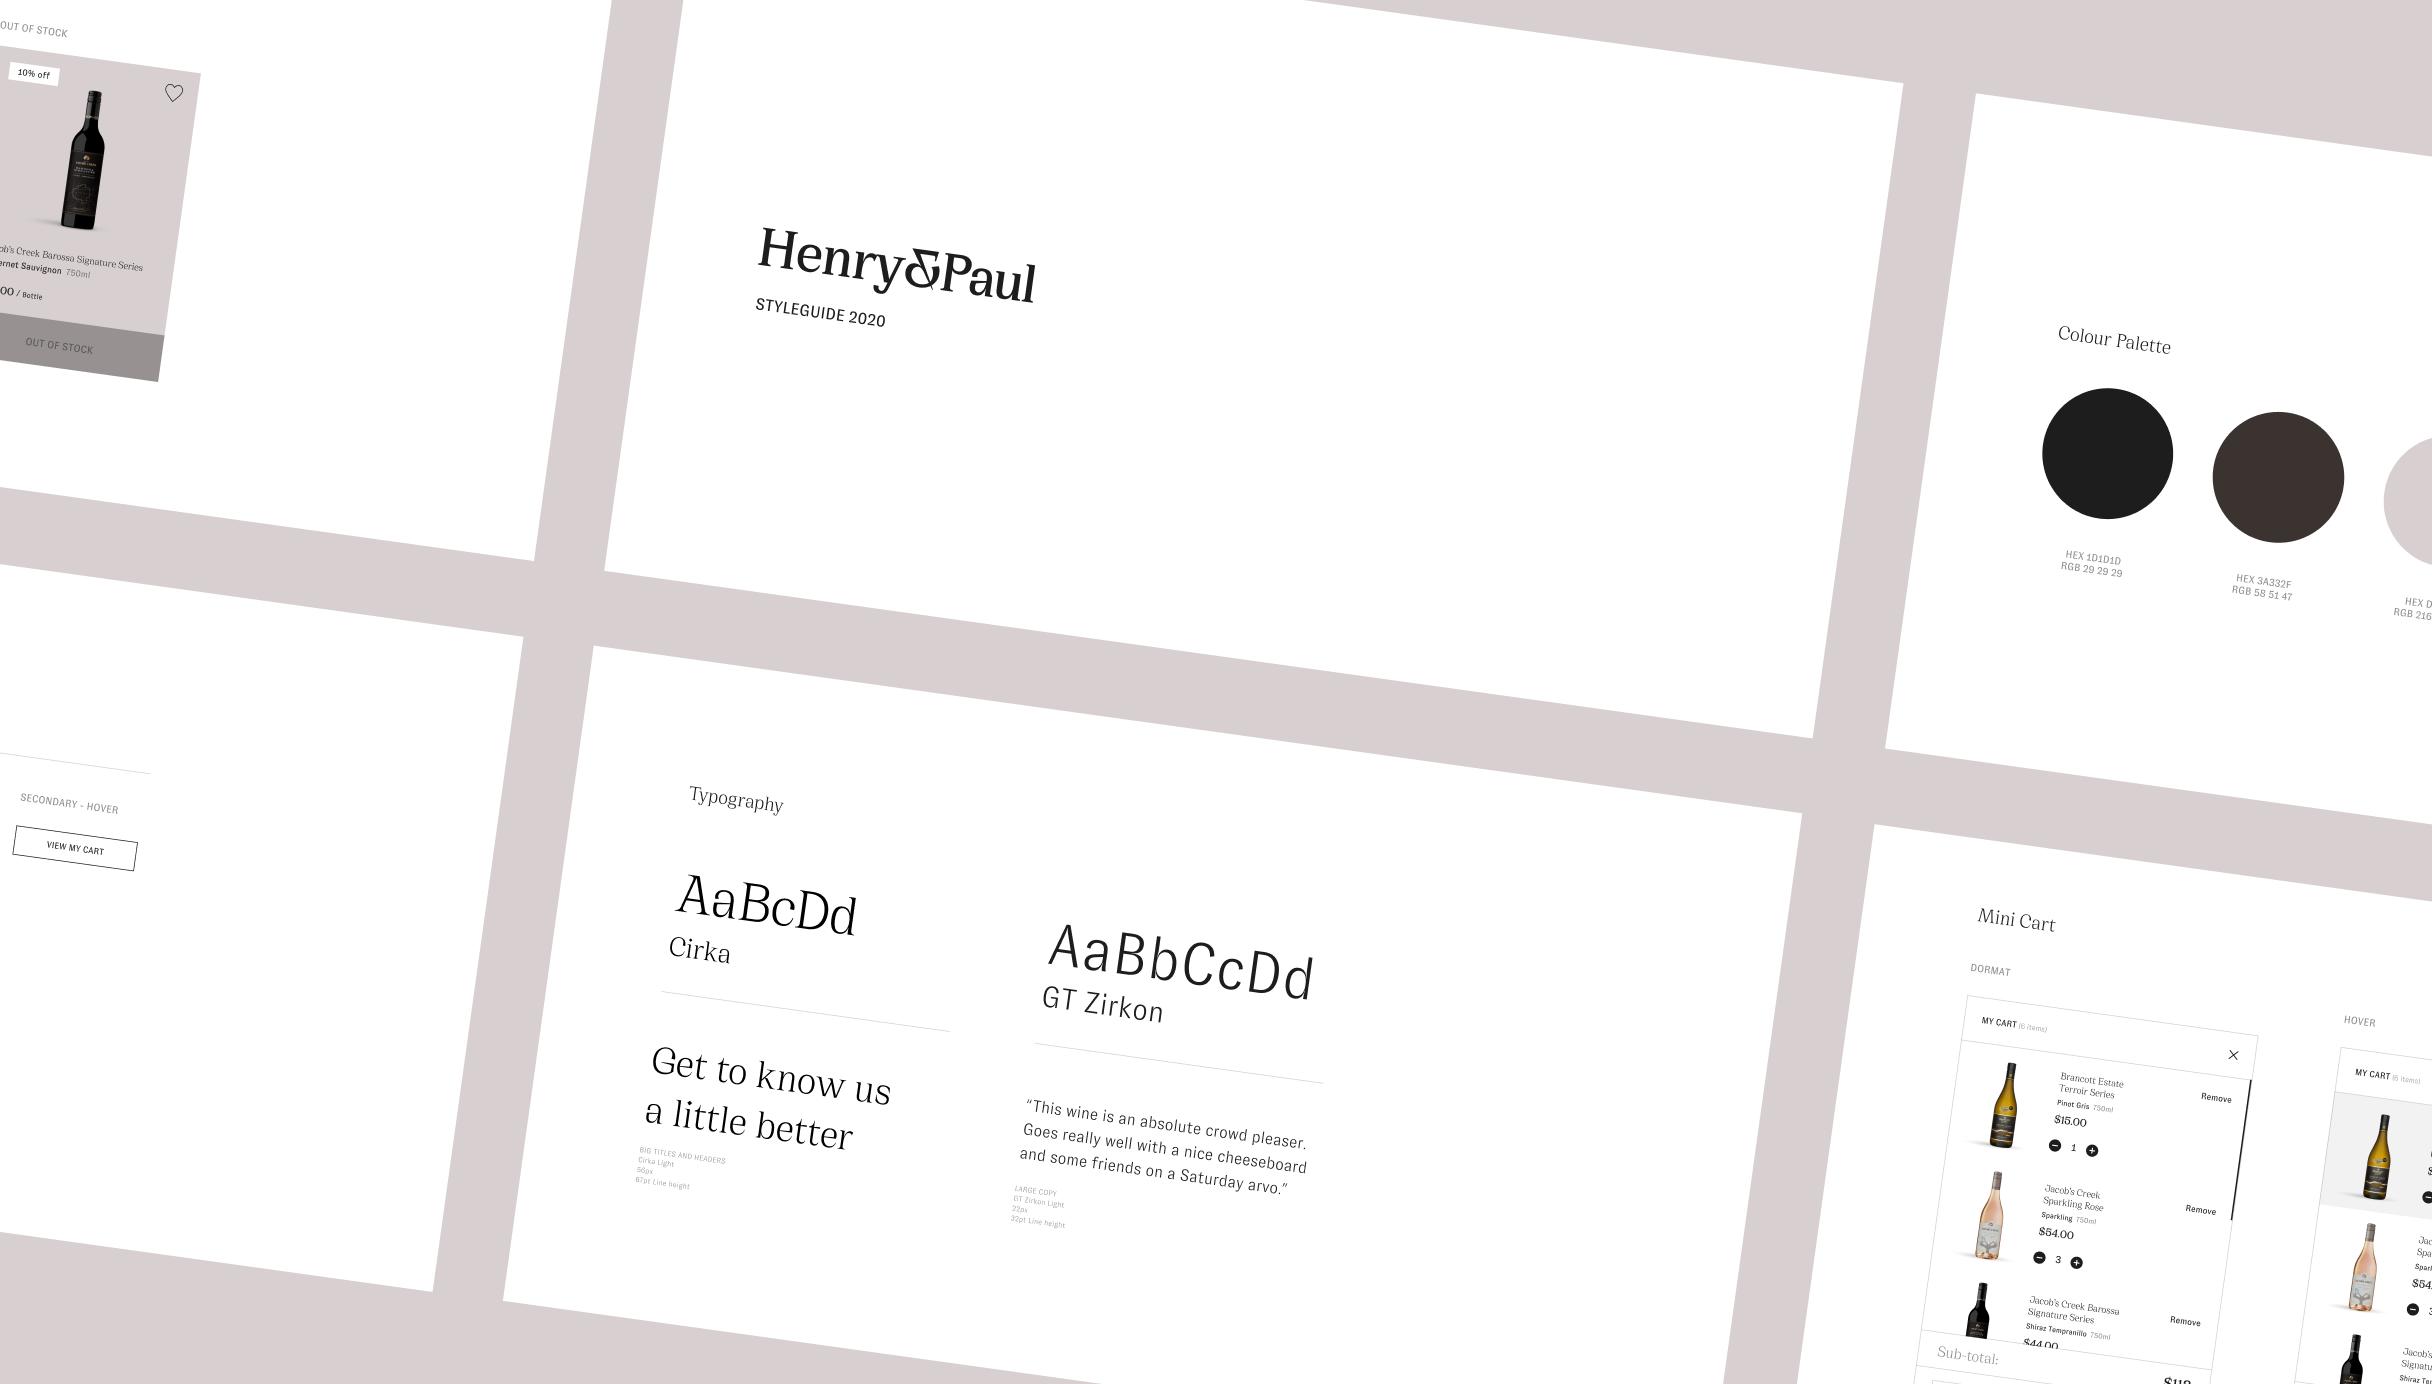 Multiple screens showcasing new Henry & Paul branding